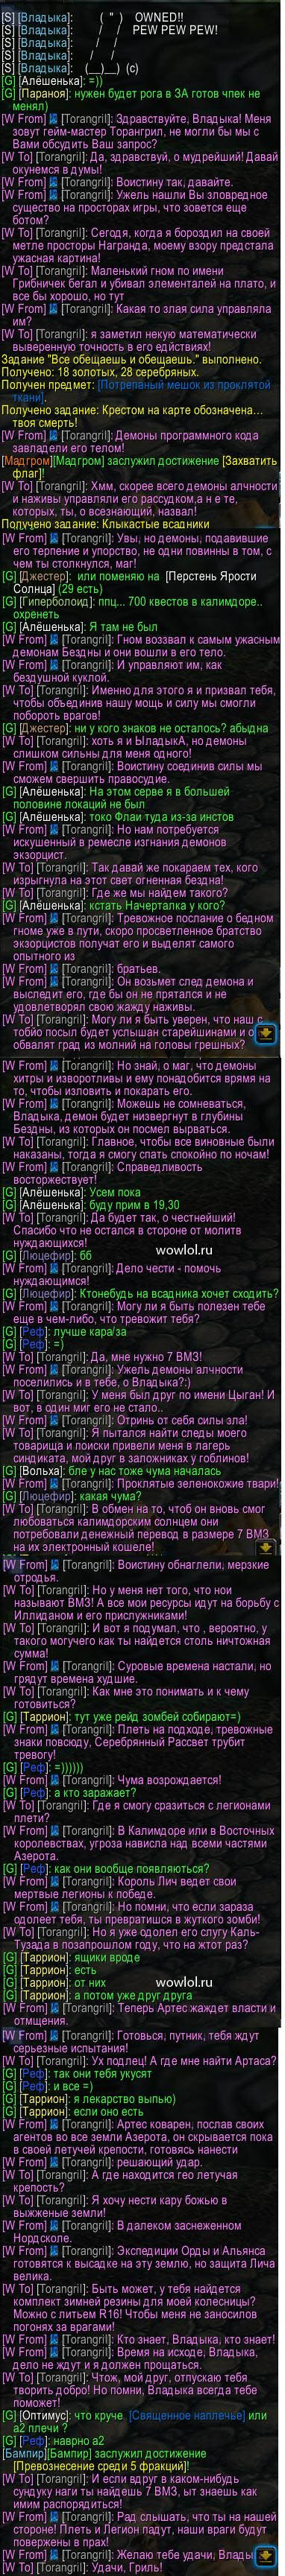 вот такое нынче общение с гем мастерами))